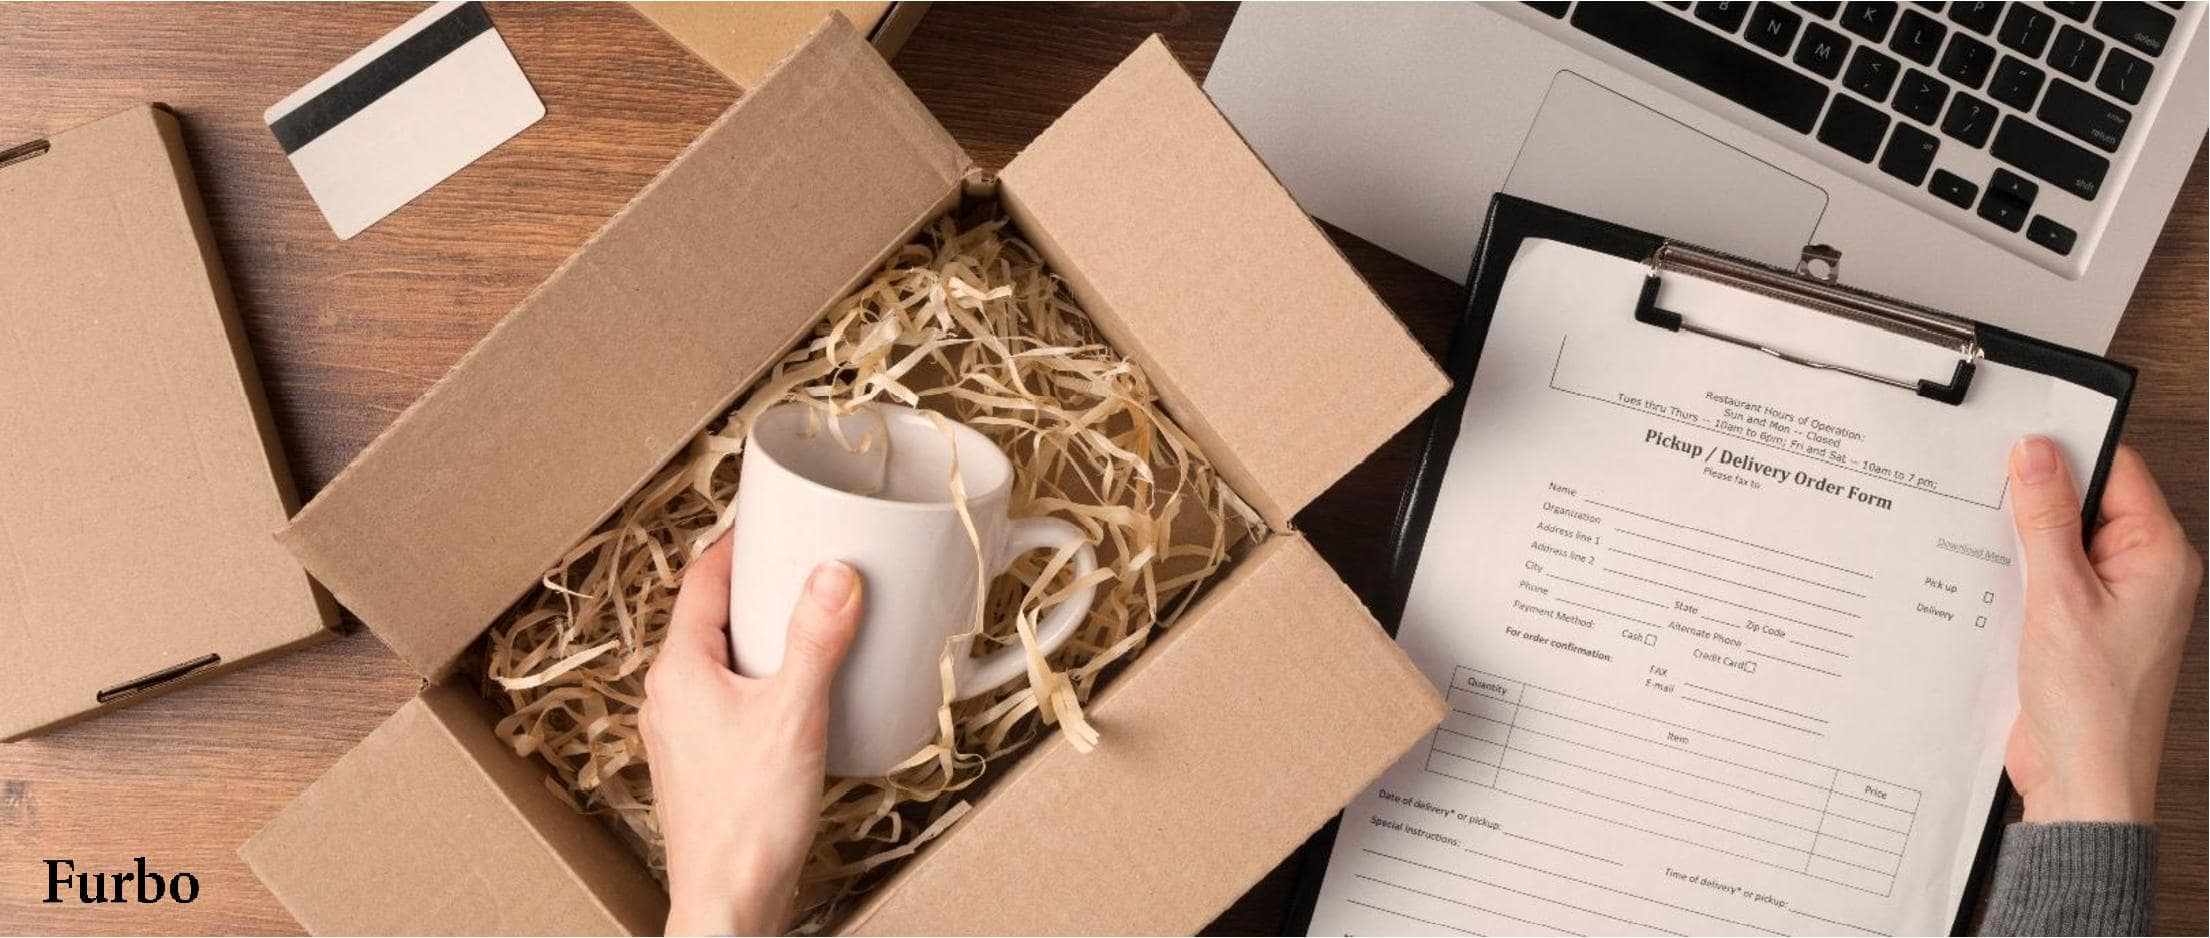 پکیجینگ محصول برای ارسال در فروشگاه اینترنتی